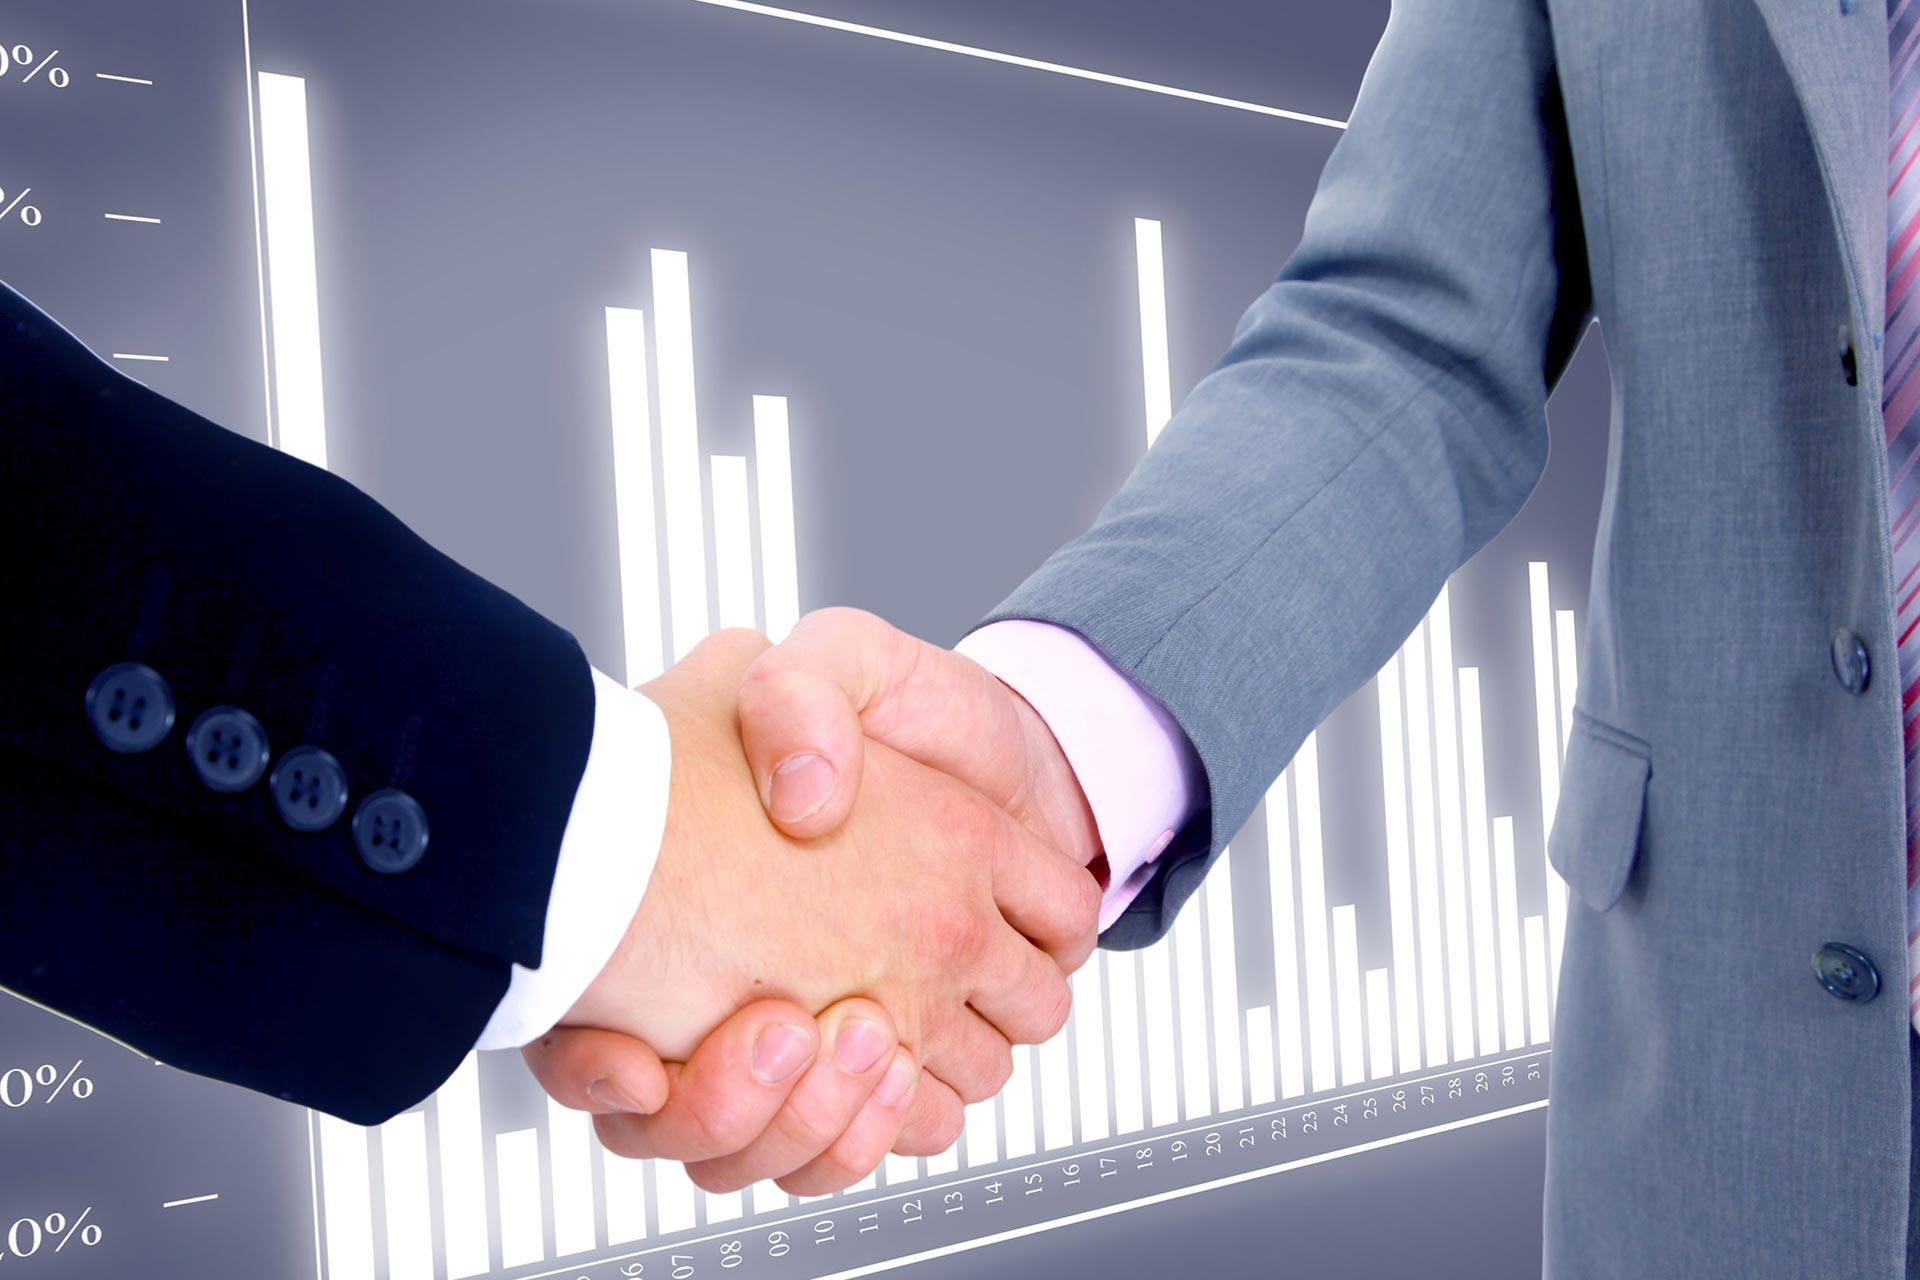 Бесплатный вебинар: Эффективность. Бизнес. Взаимодействие. Повышение эффективности бизнеса